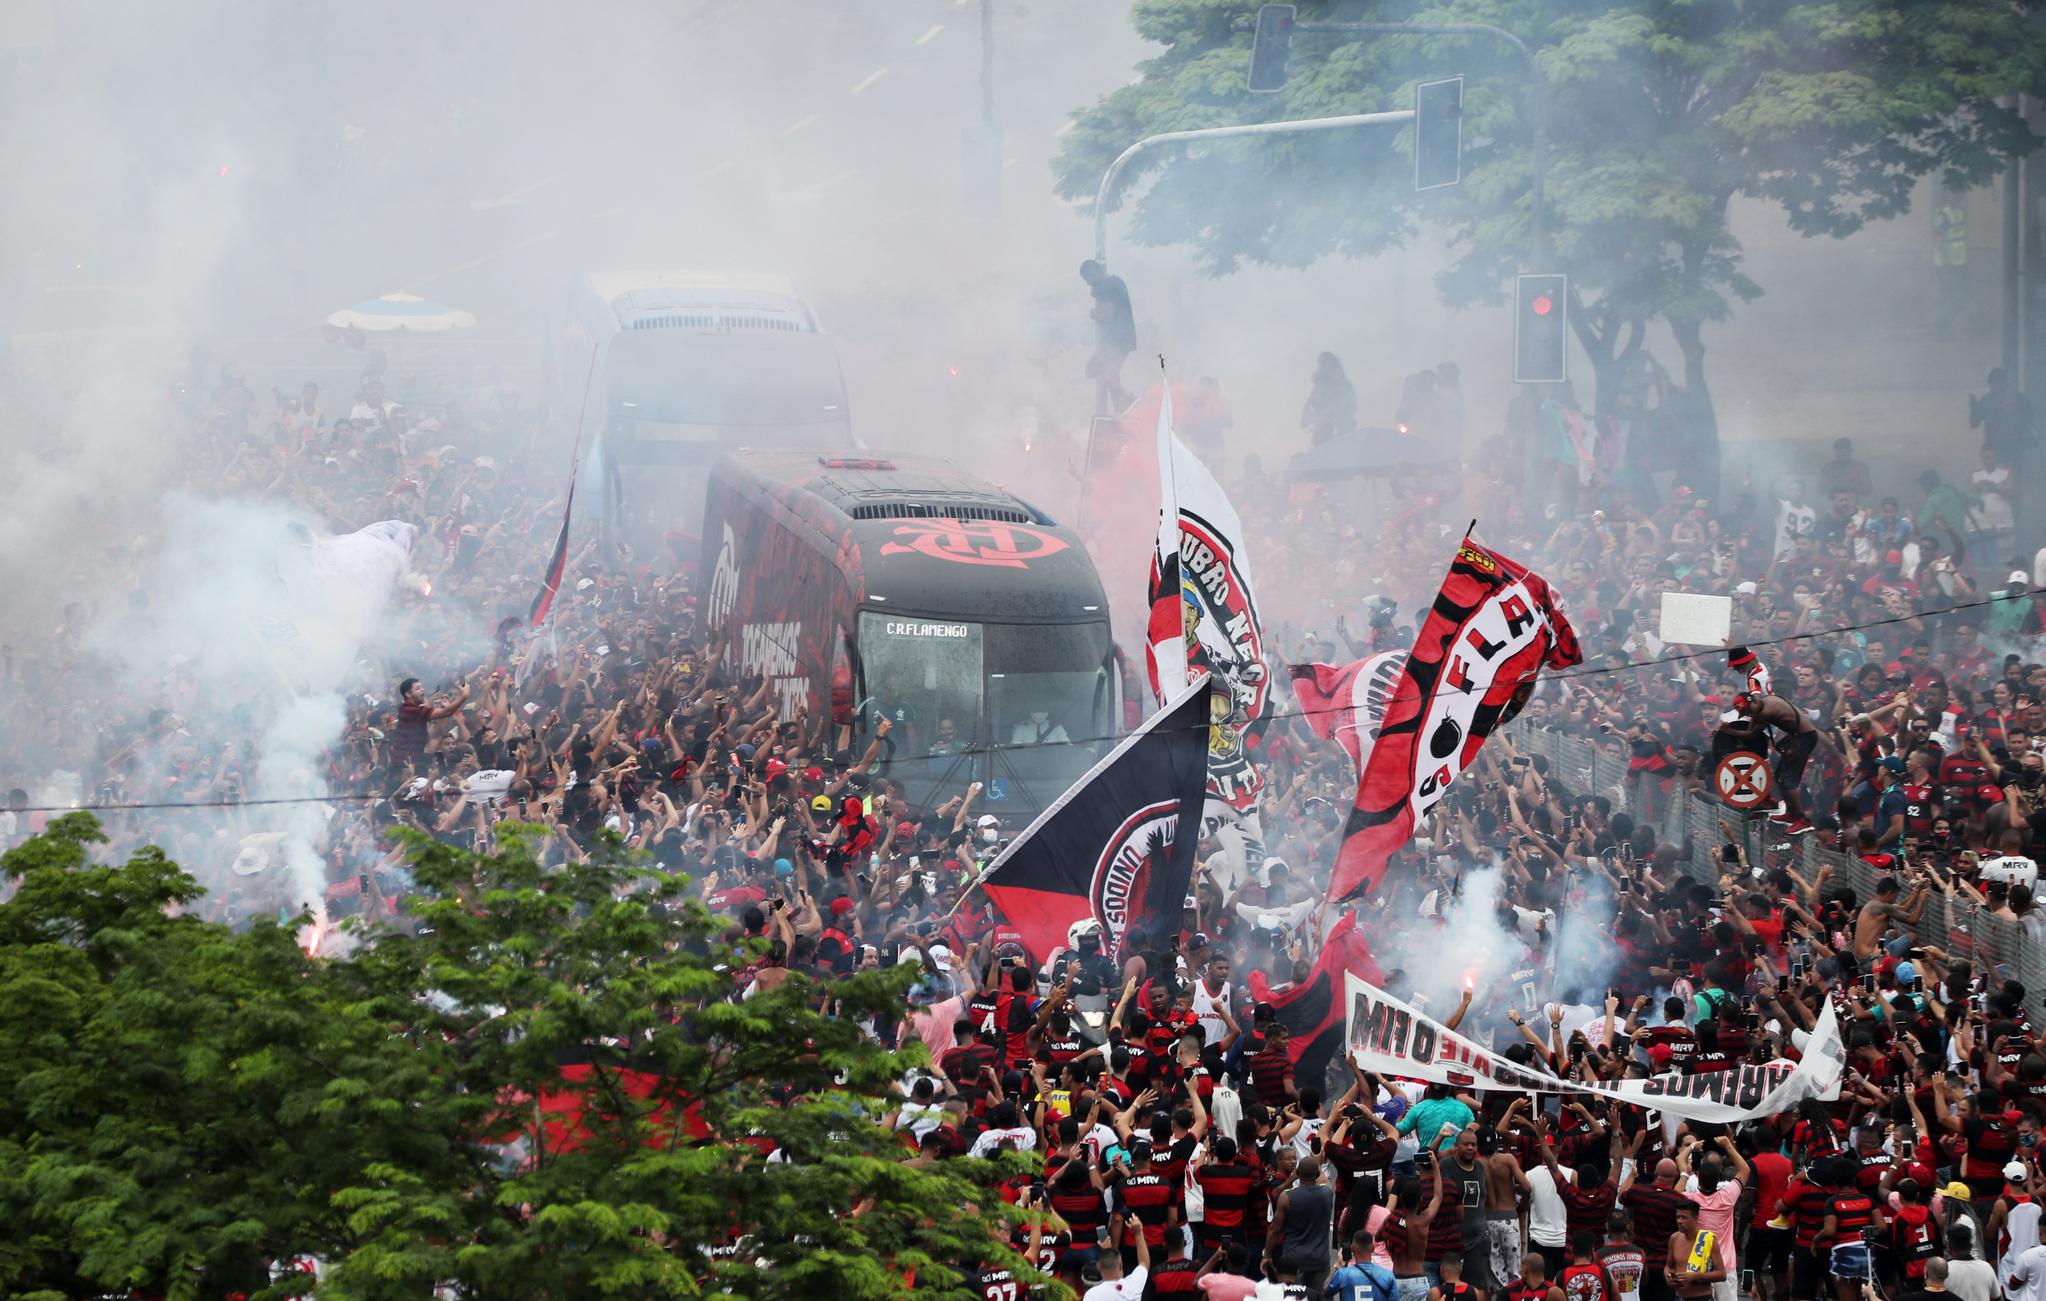 21일 브라질 프로축구 플라멩구와 인테르나시오나우의 경기가 발어진 리우데자네이루의 마라카냐 경기장에서 플라멩구의 팬들이 선수들이 탄 버스를 맞이하고 있다. 로이터=연합뉴스